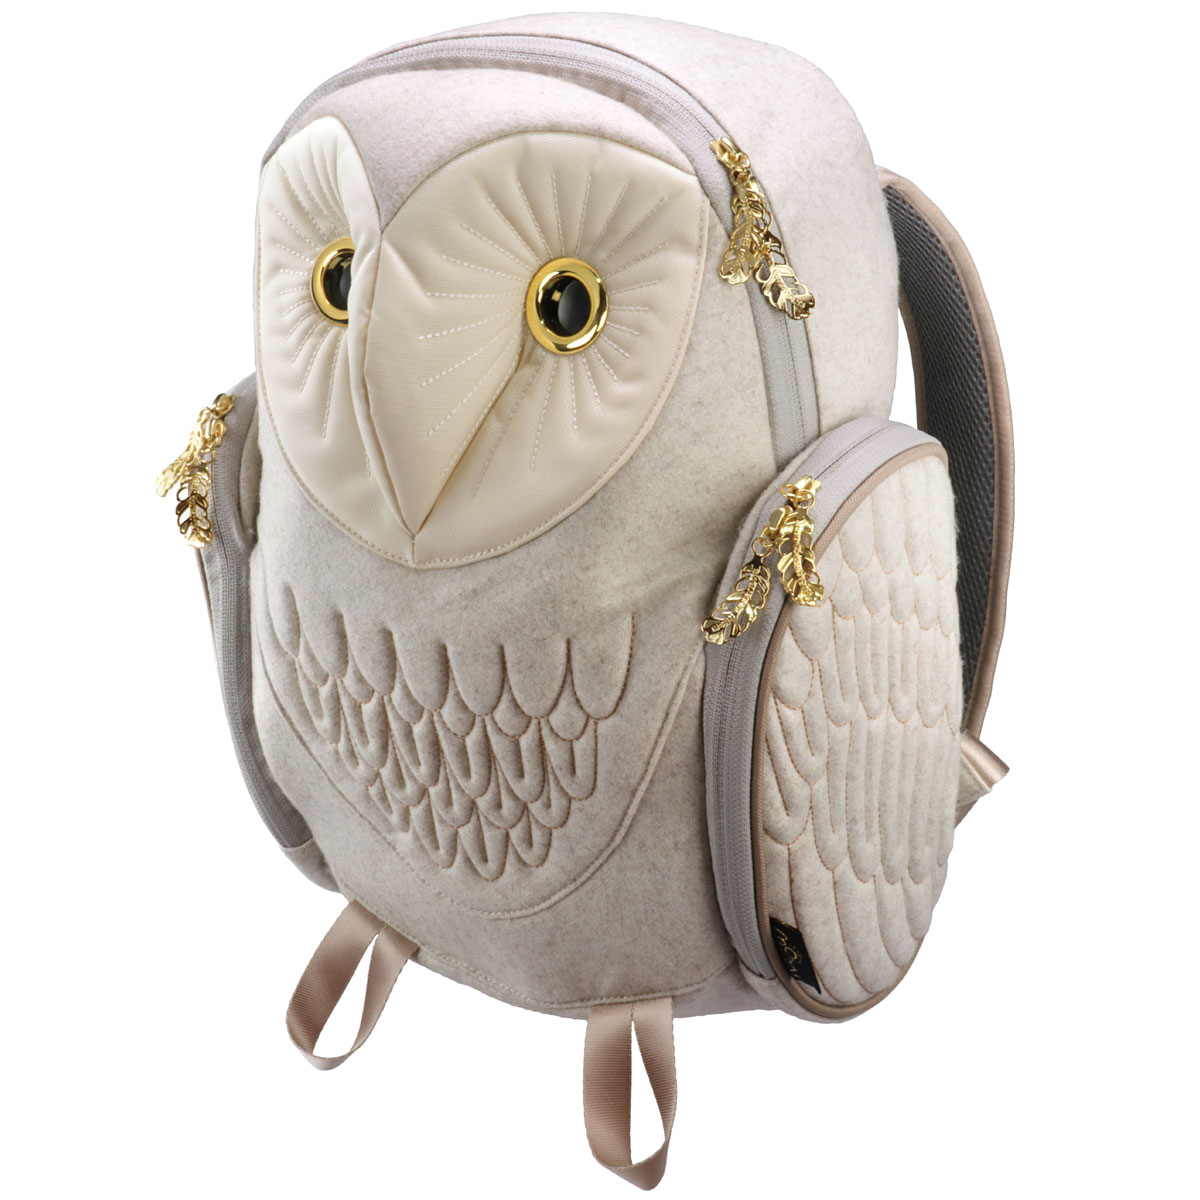 リュック MORN CREATIONS メンフクロウ バックパック Mサイズ 動物バッグ 取り出しやすい背面ポケット付き! モーンクリエイションズ フクロウ M フランネル ホワイト